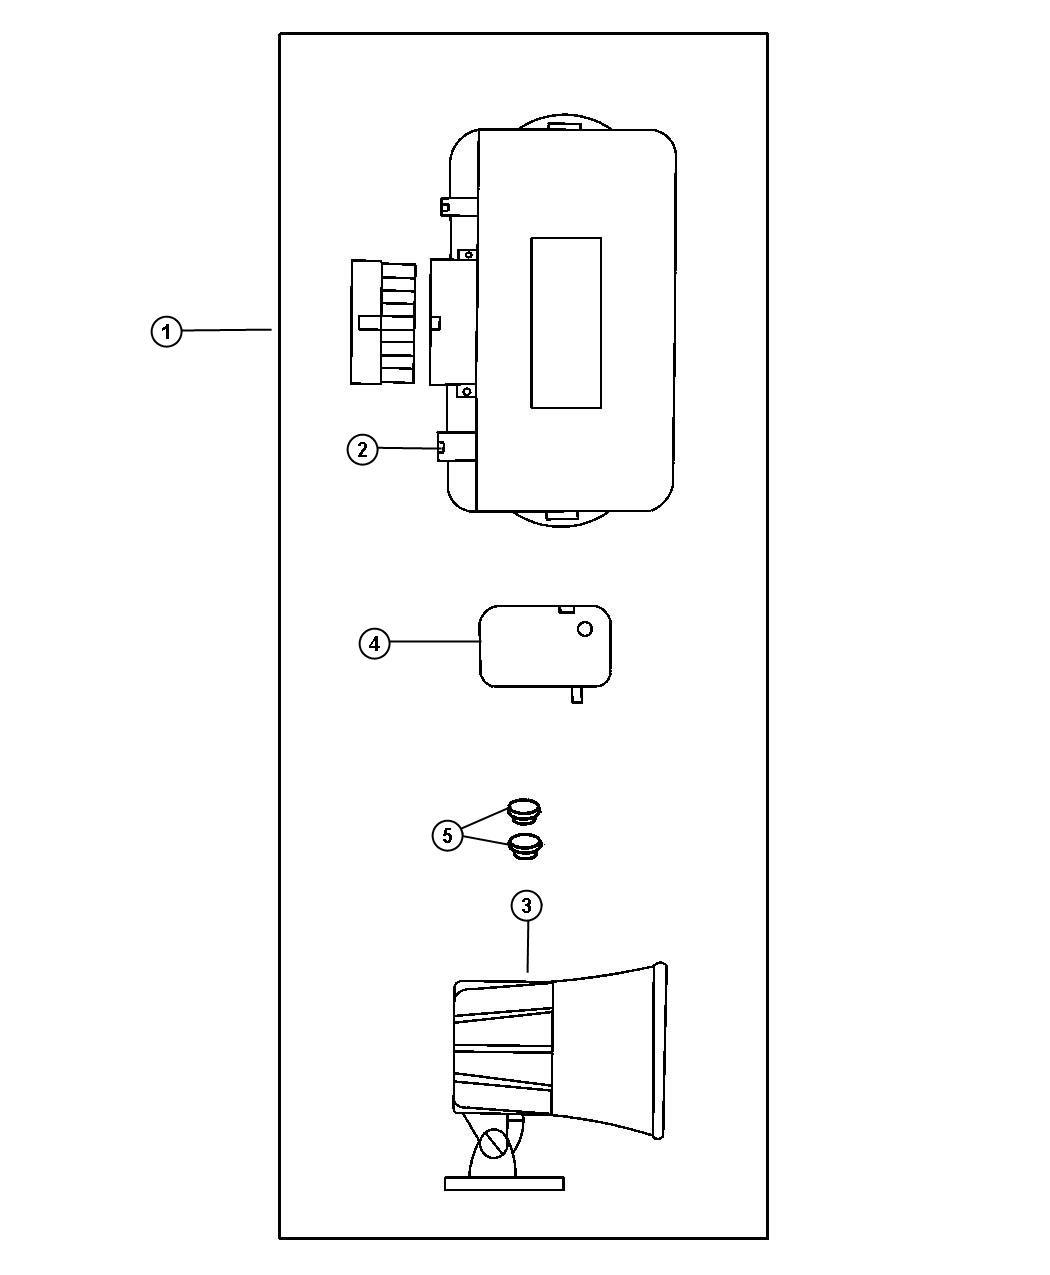 Chrysler Pt Cruiser Wiring Kit  Alarm Without Keyless